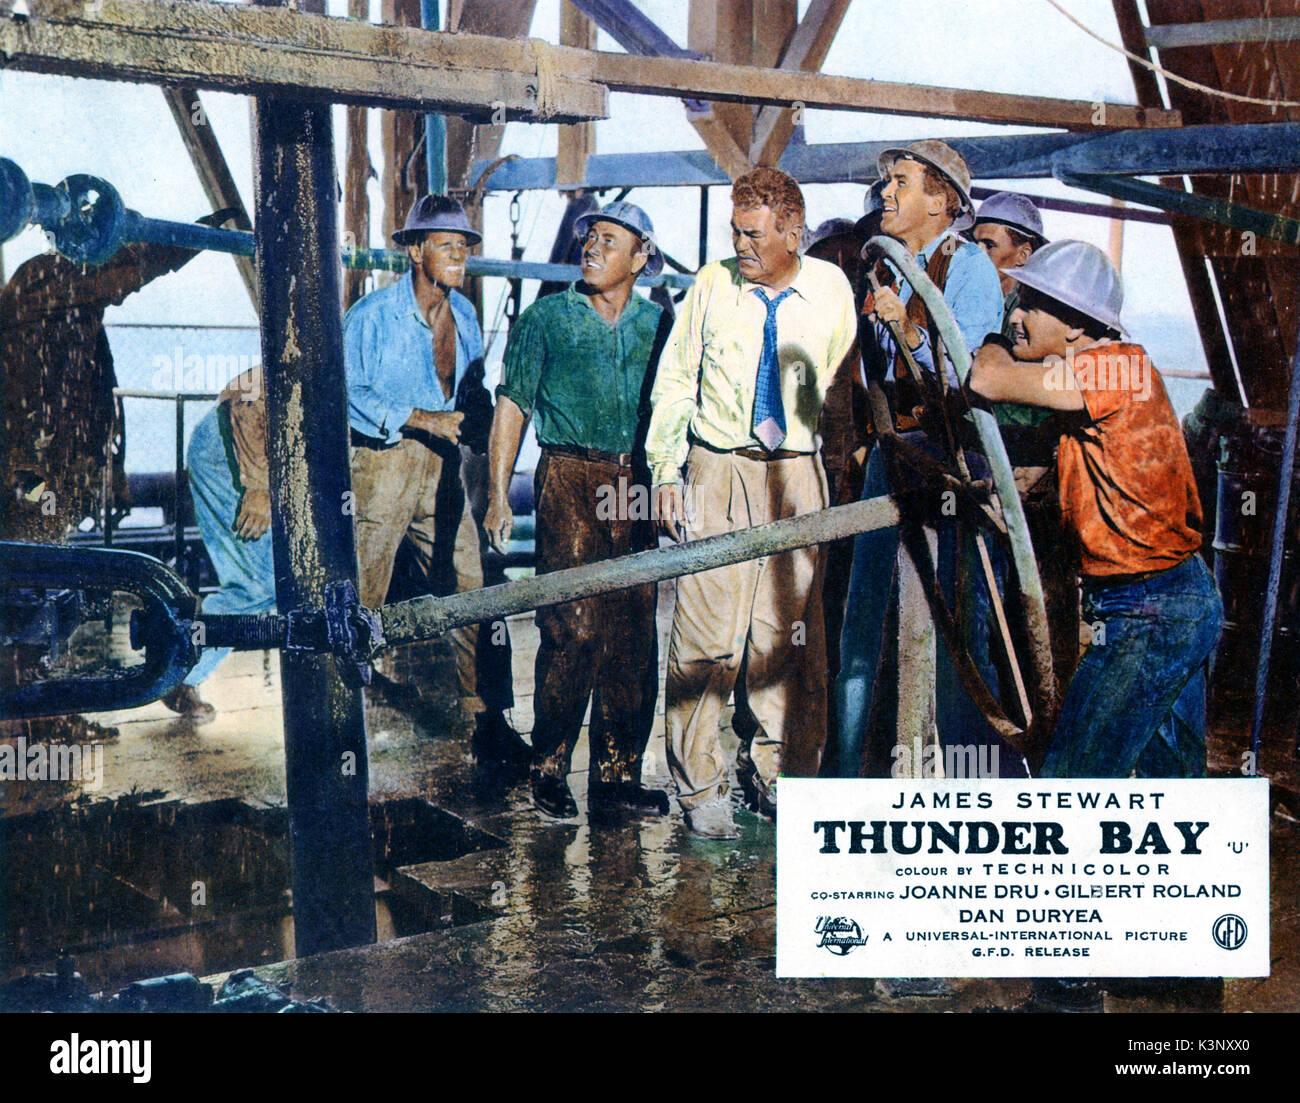 Thunder bay online dating